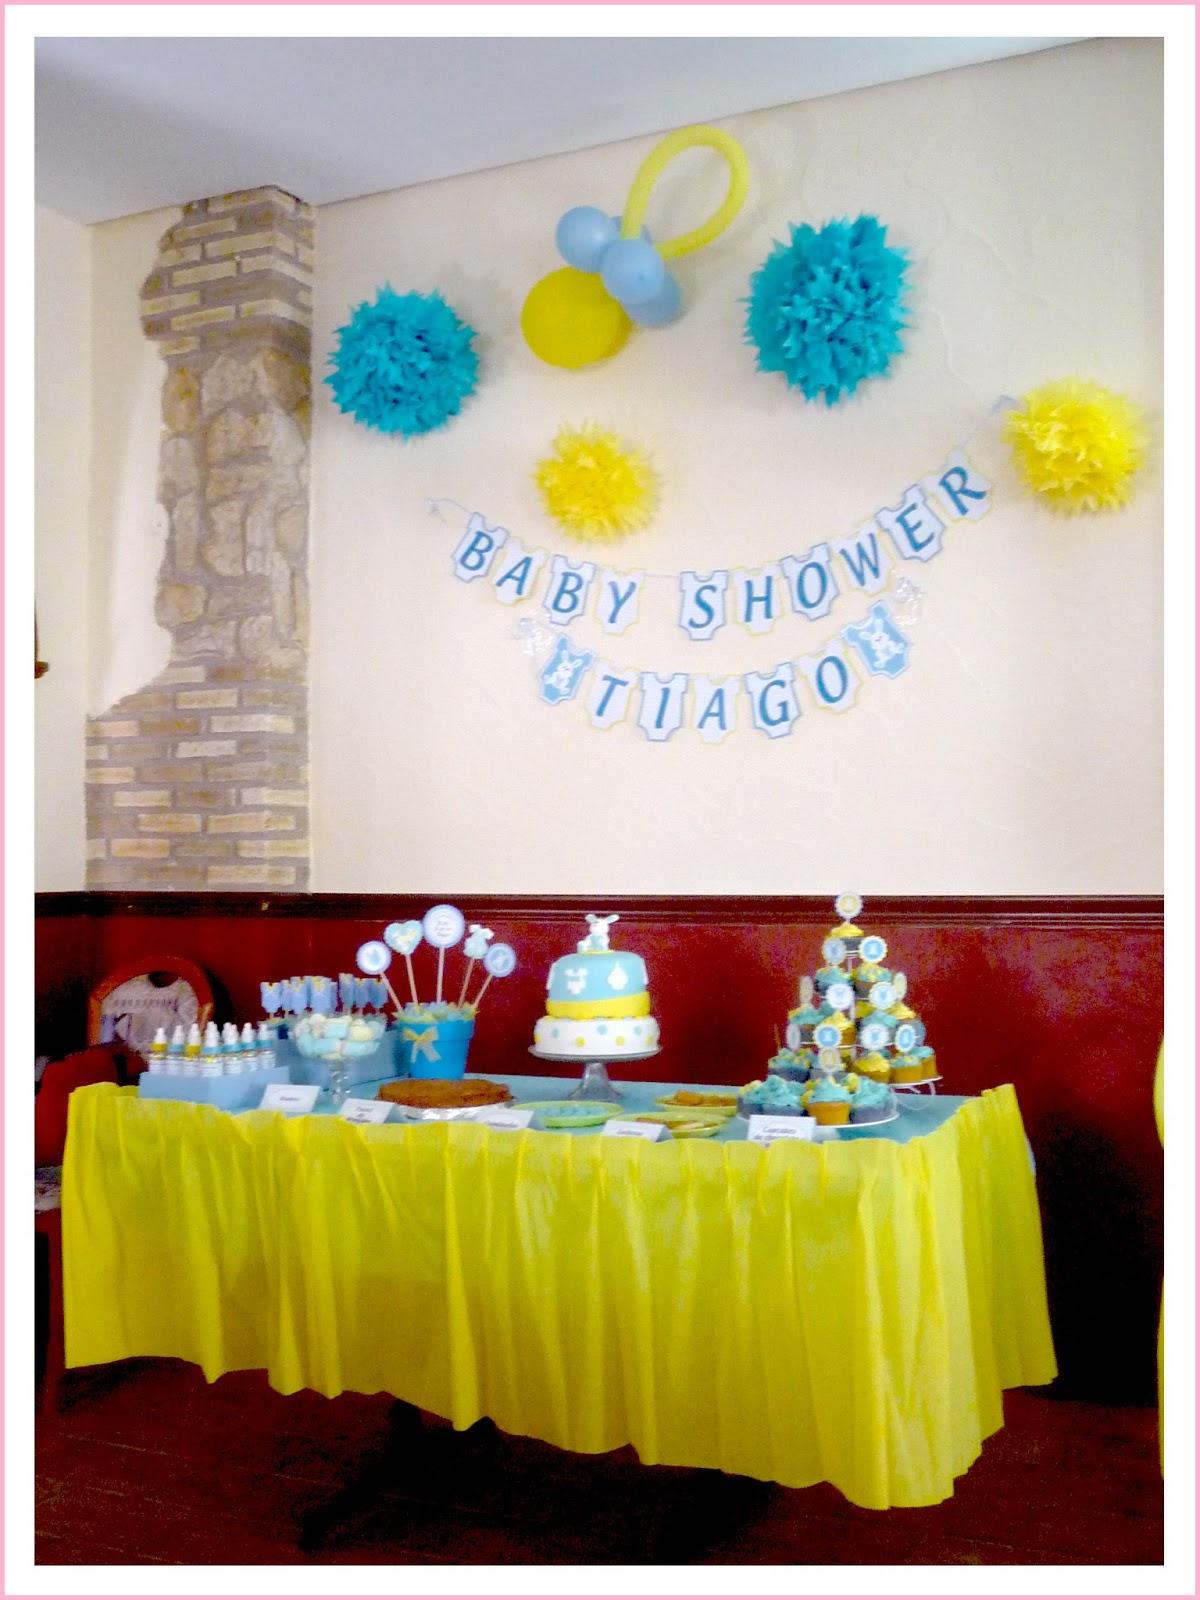 Como decorar una mesa de regalos para baby shower b wall for Mesas decoradas para fiestas